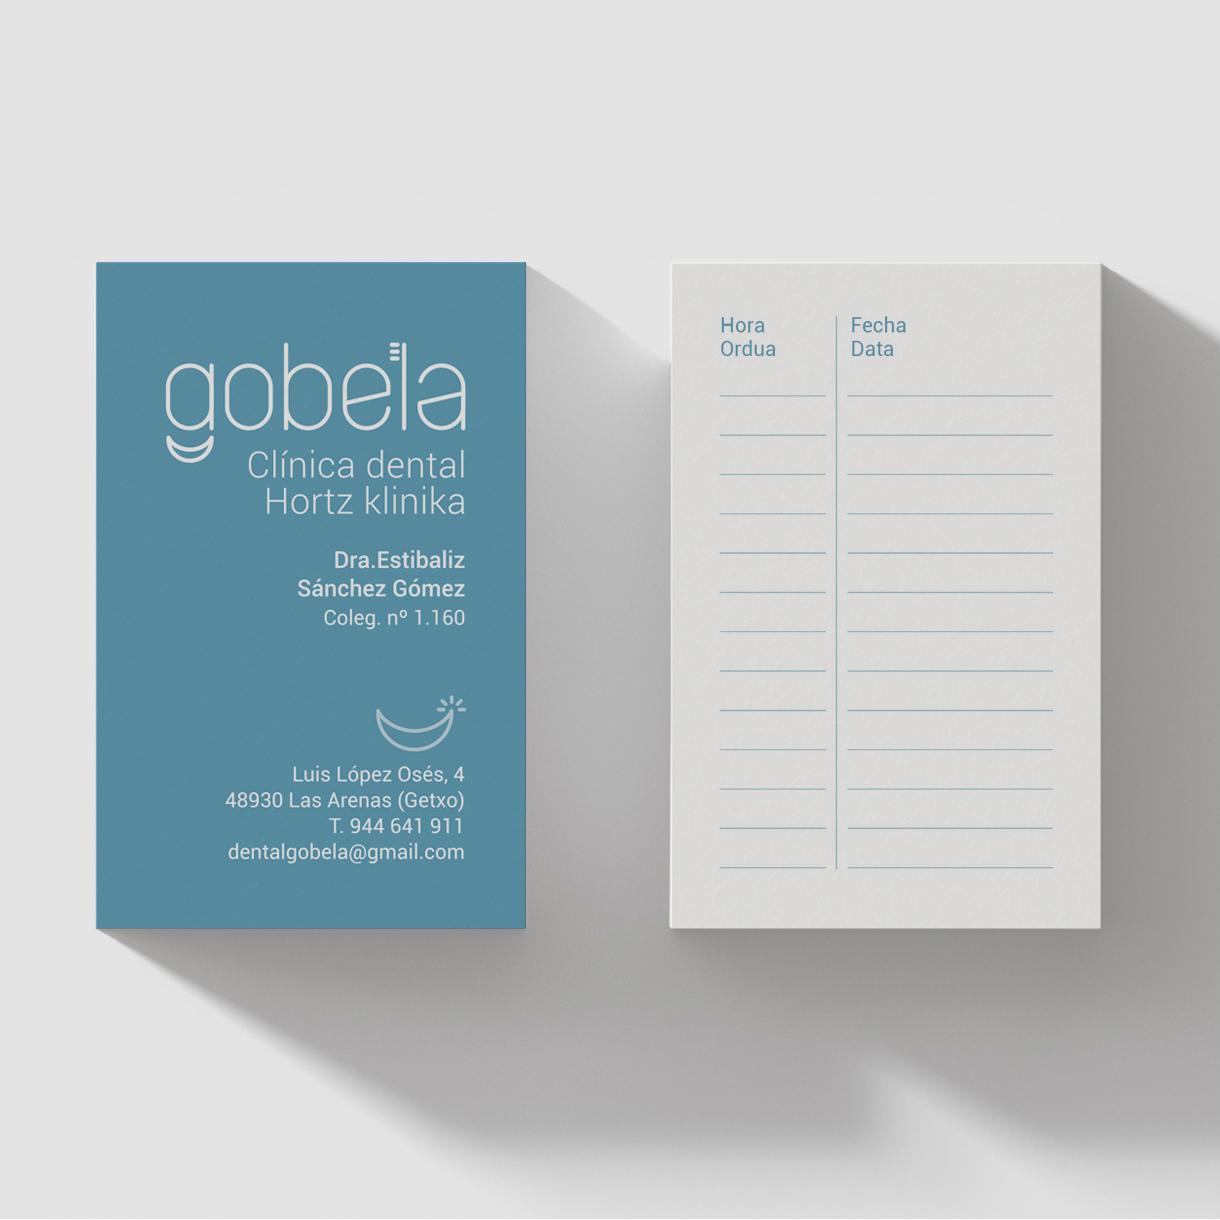 Clinica Dental Gobela, creacion de marca y aplicaciones